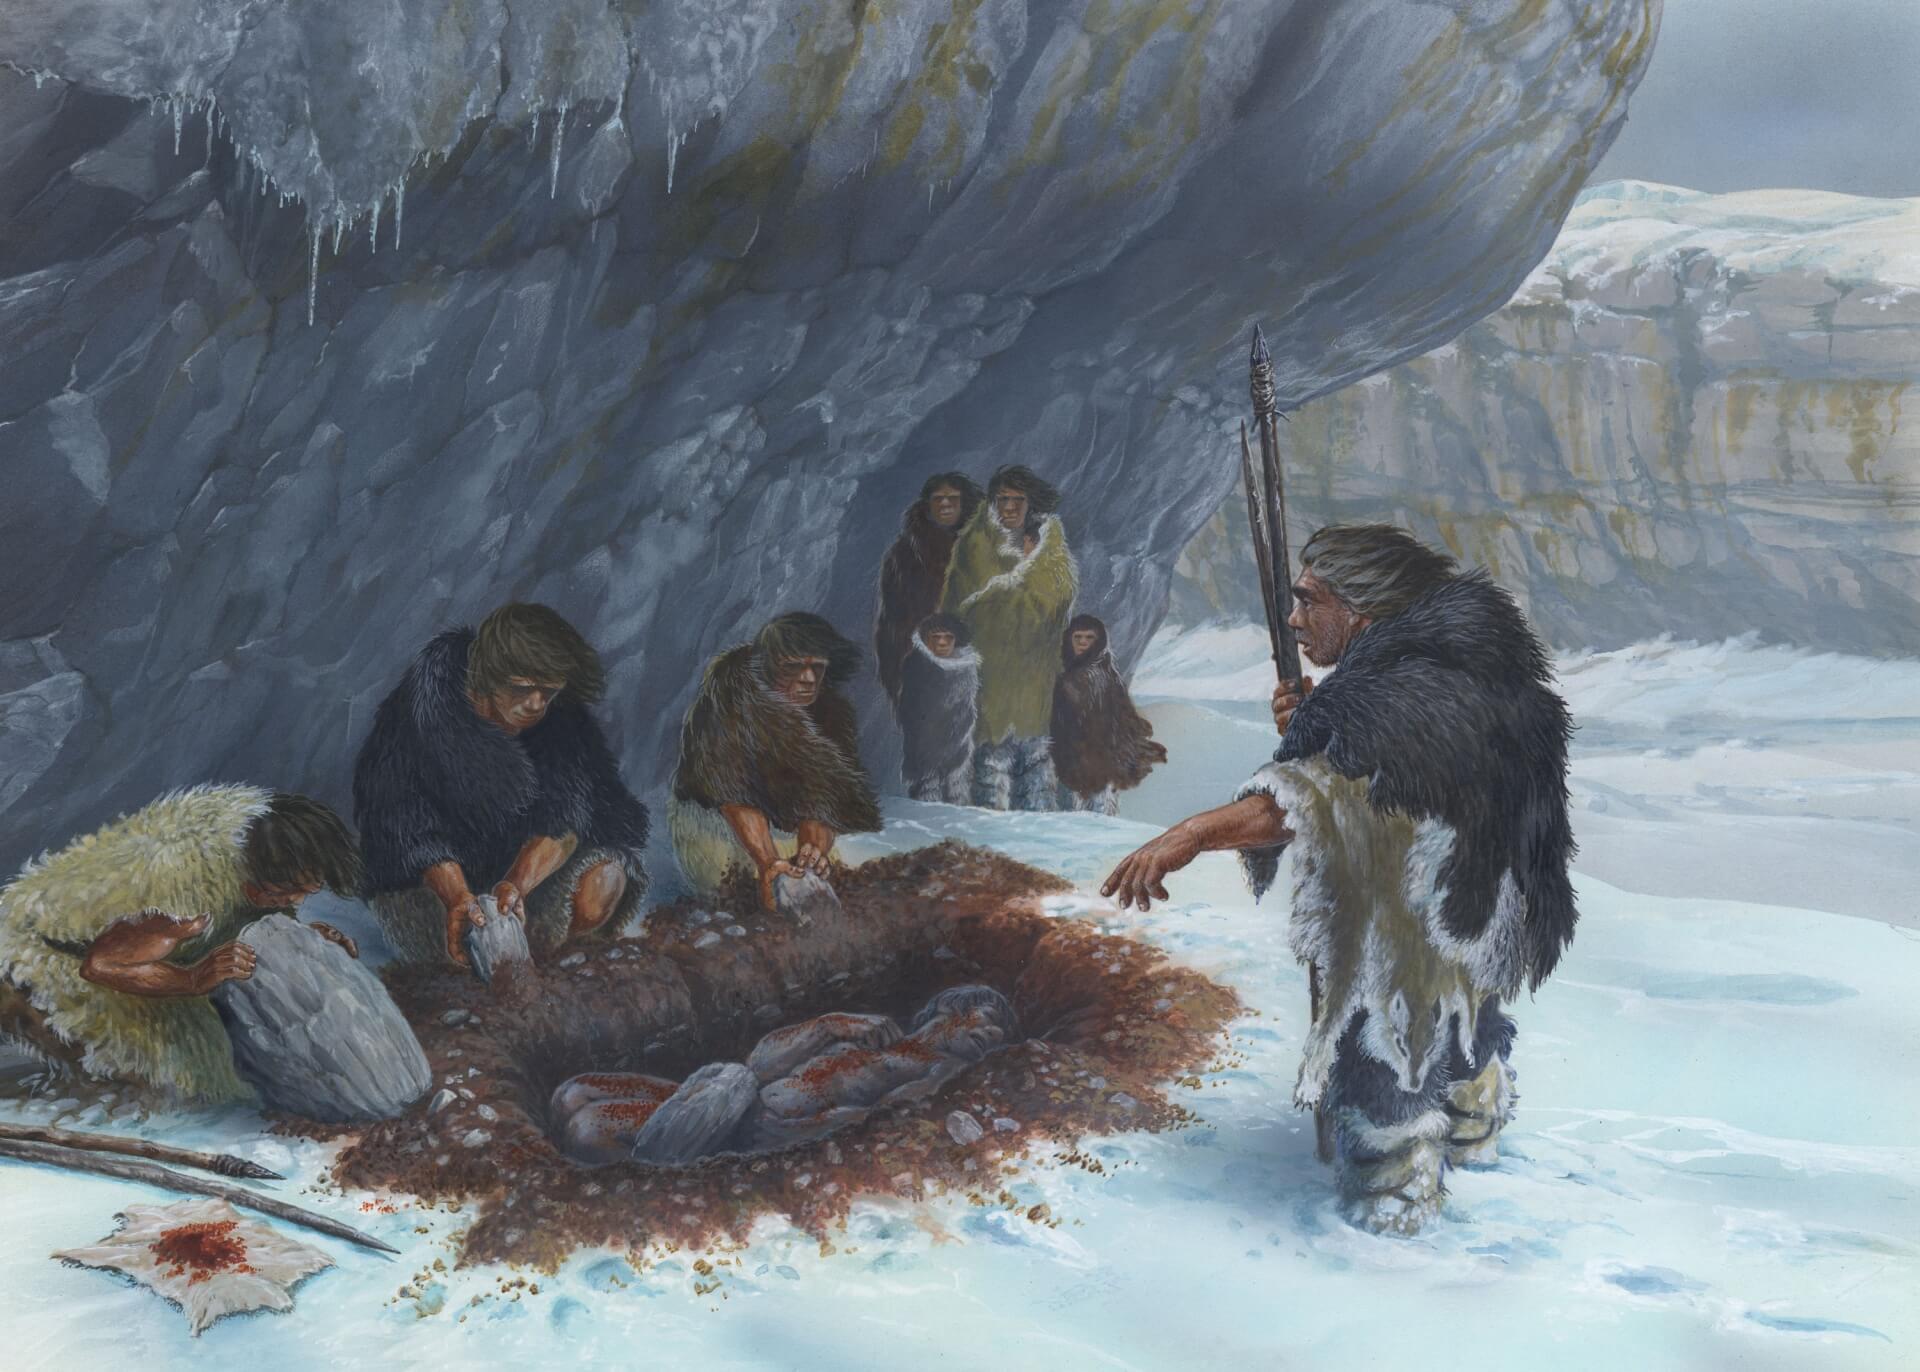 Чума была занесена на территорию Сибири около 4 000 лет назад